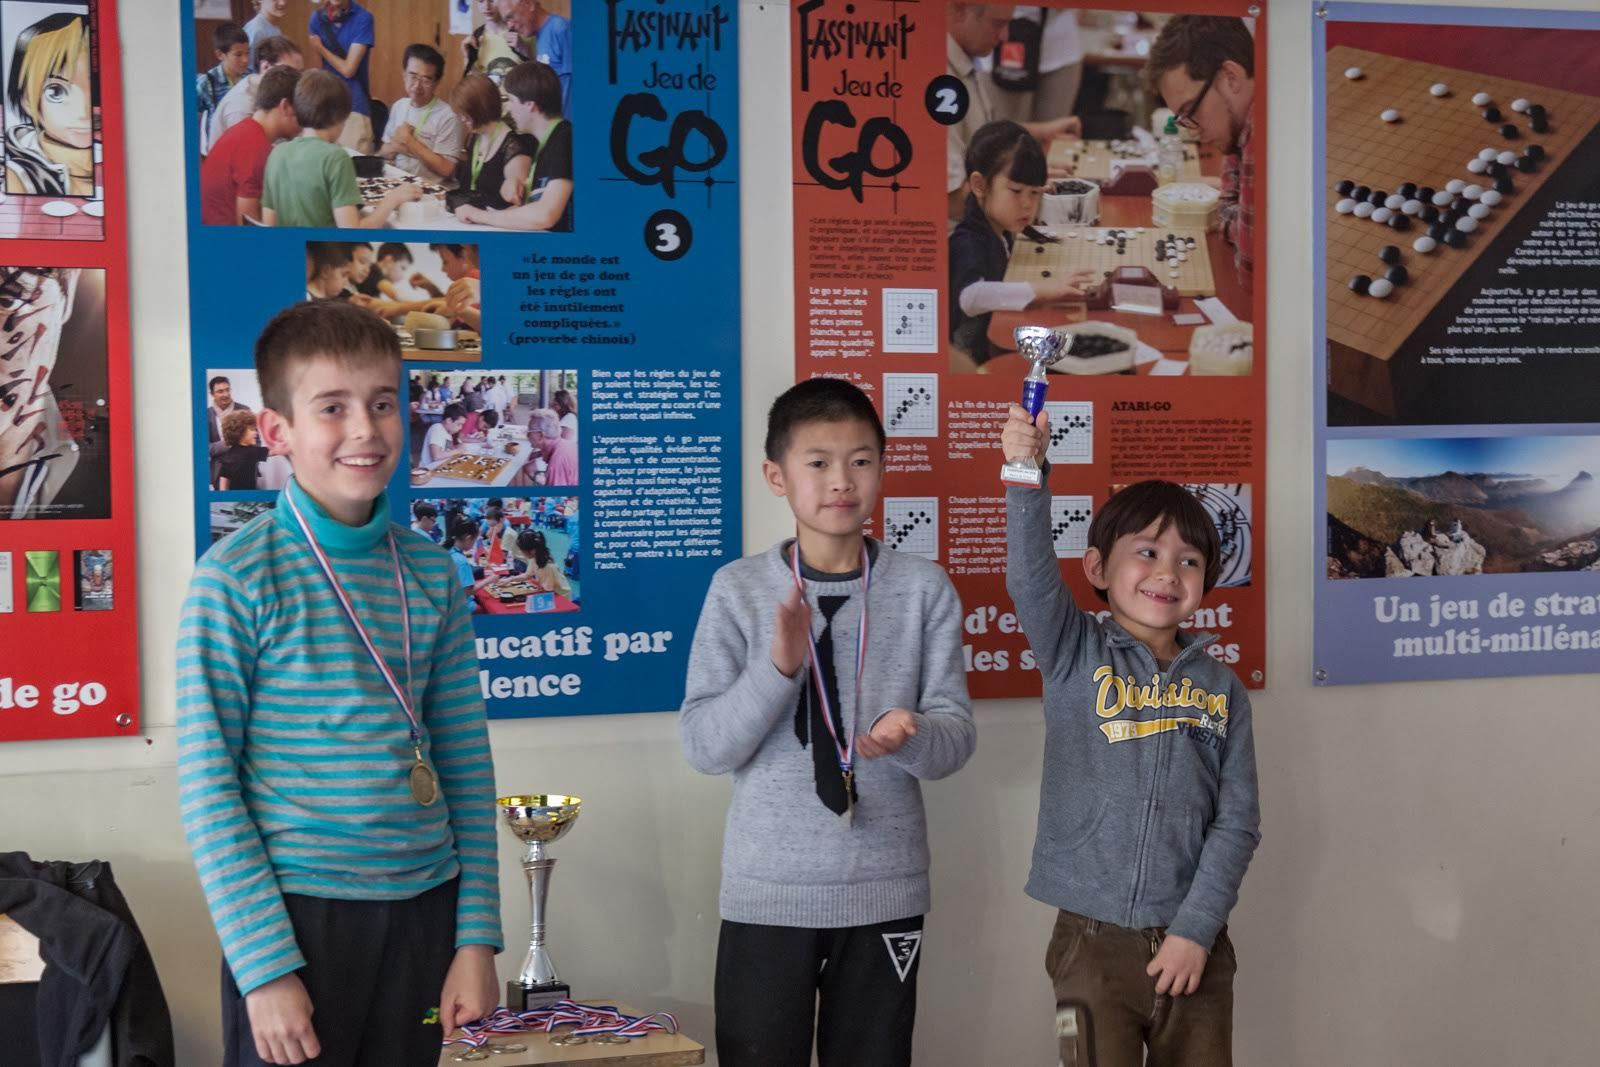 Les jeunes Rhône-Alpins à l'honneur | Le club de GO de Grenoble